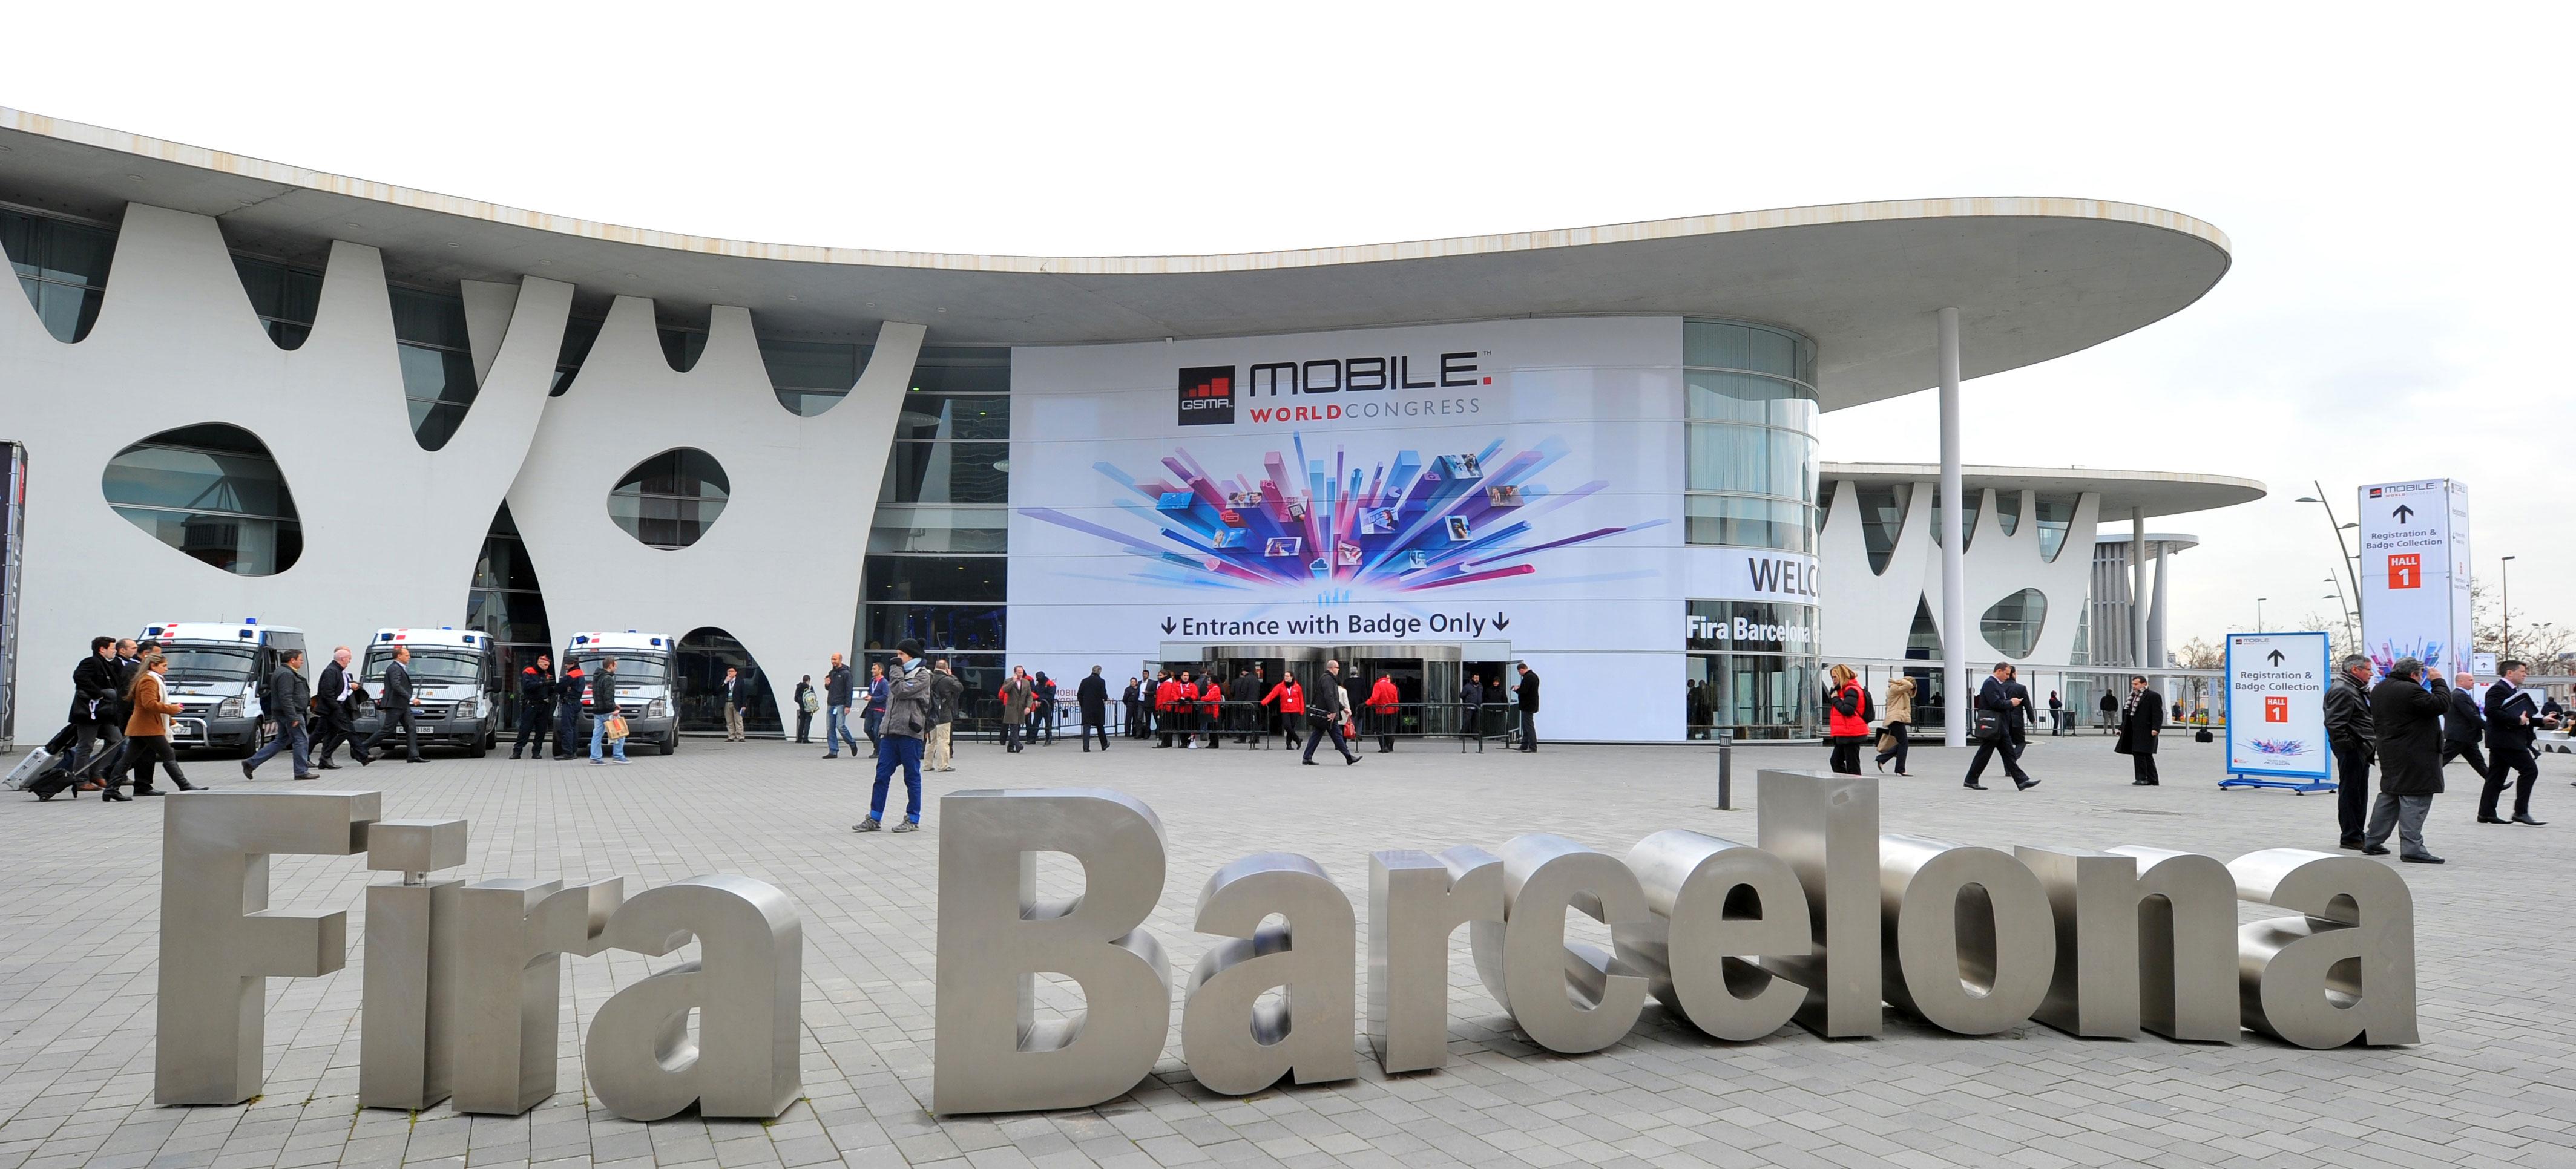 Mobile World Congress Barcelona outside